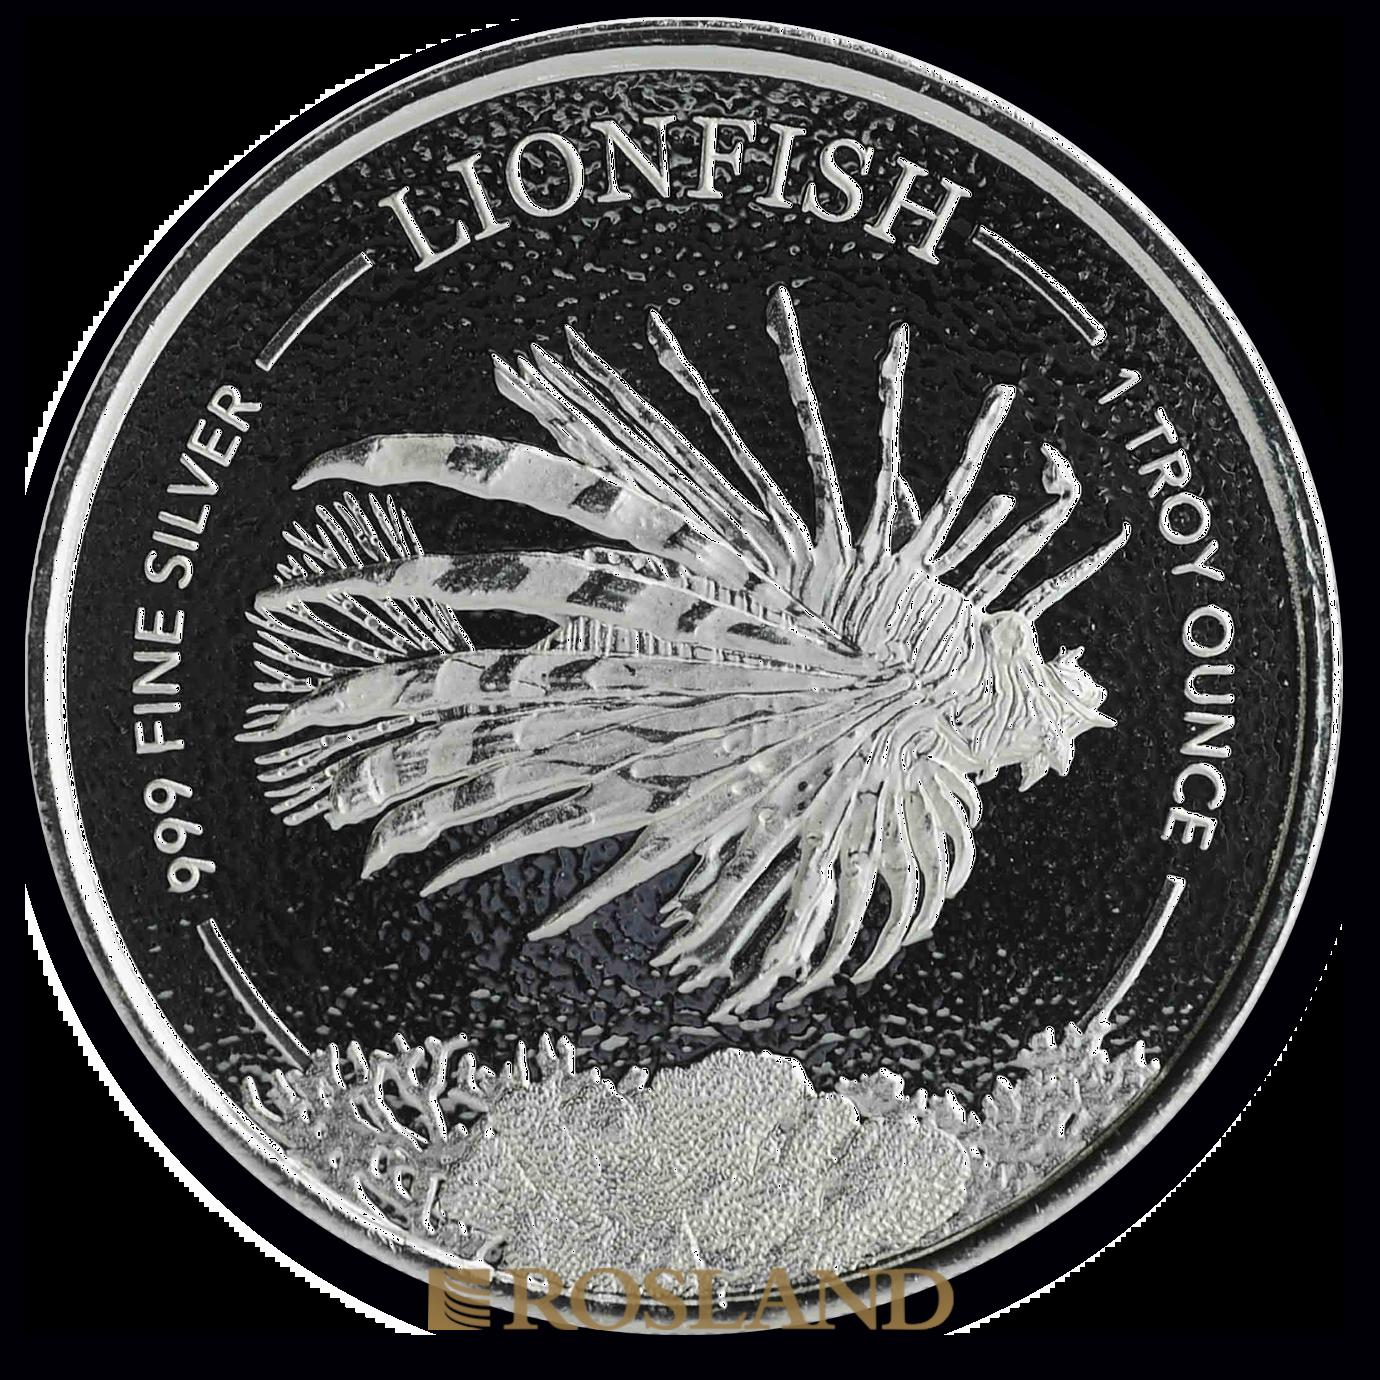 1 Unze Silbermünze Barbados Feuerfisch Lionfish 2019